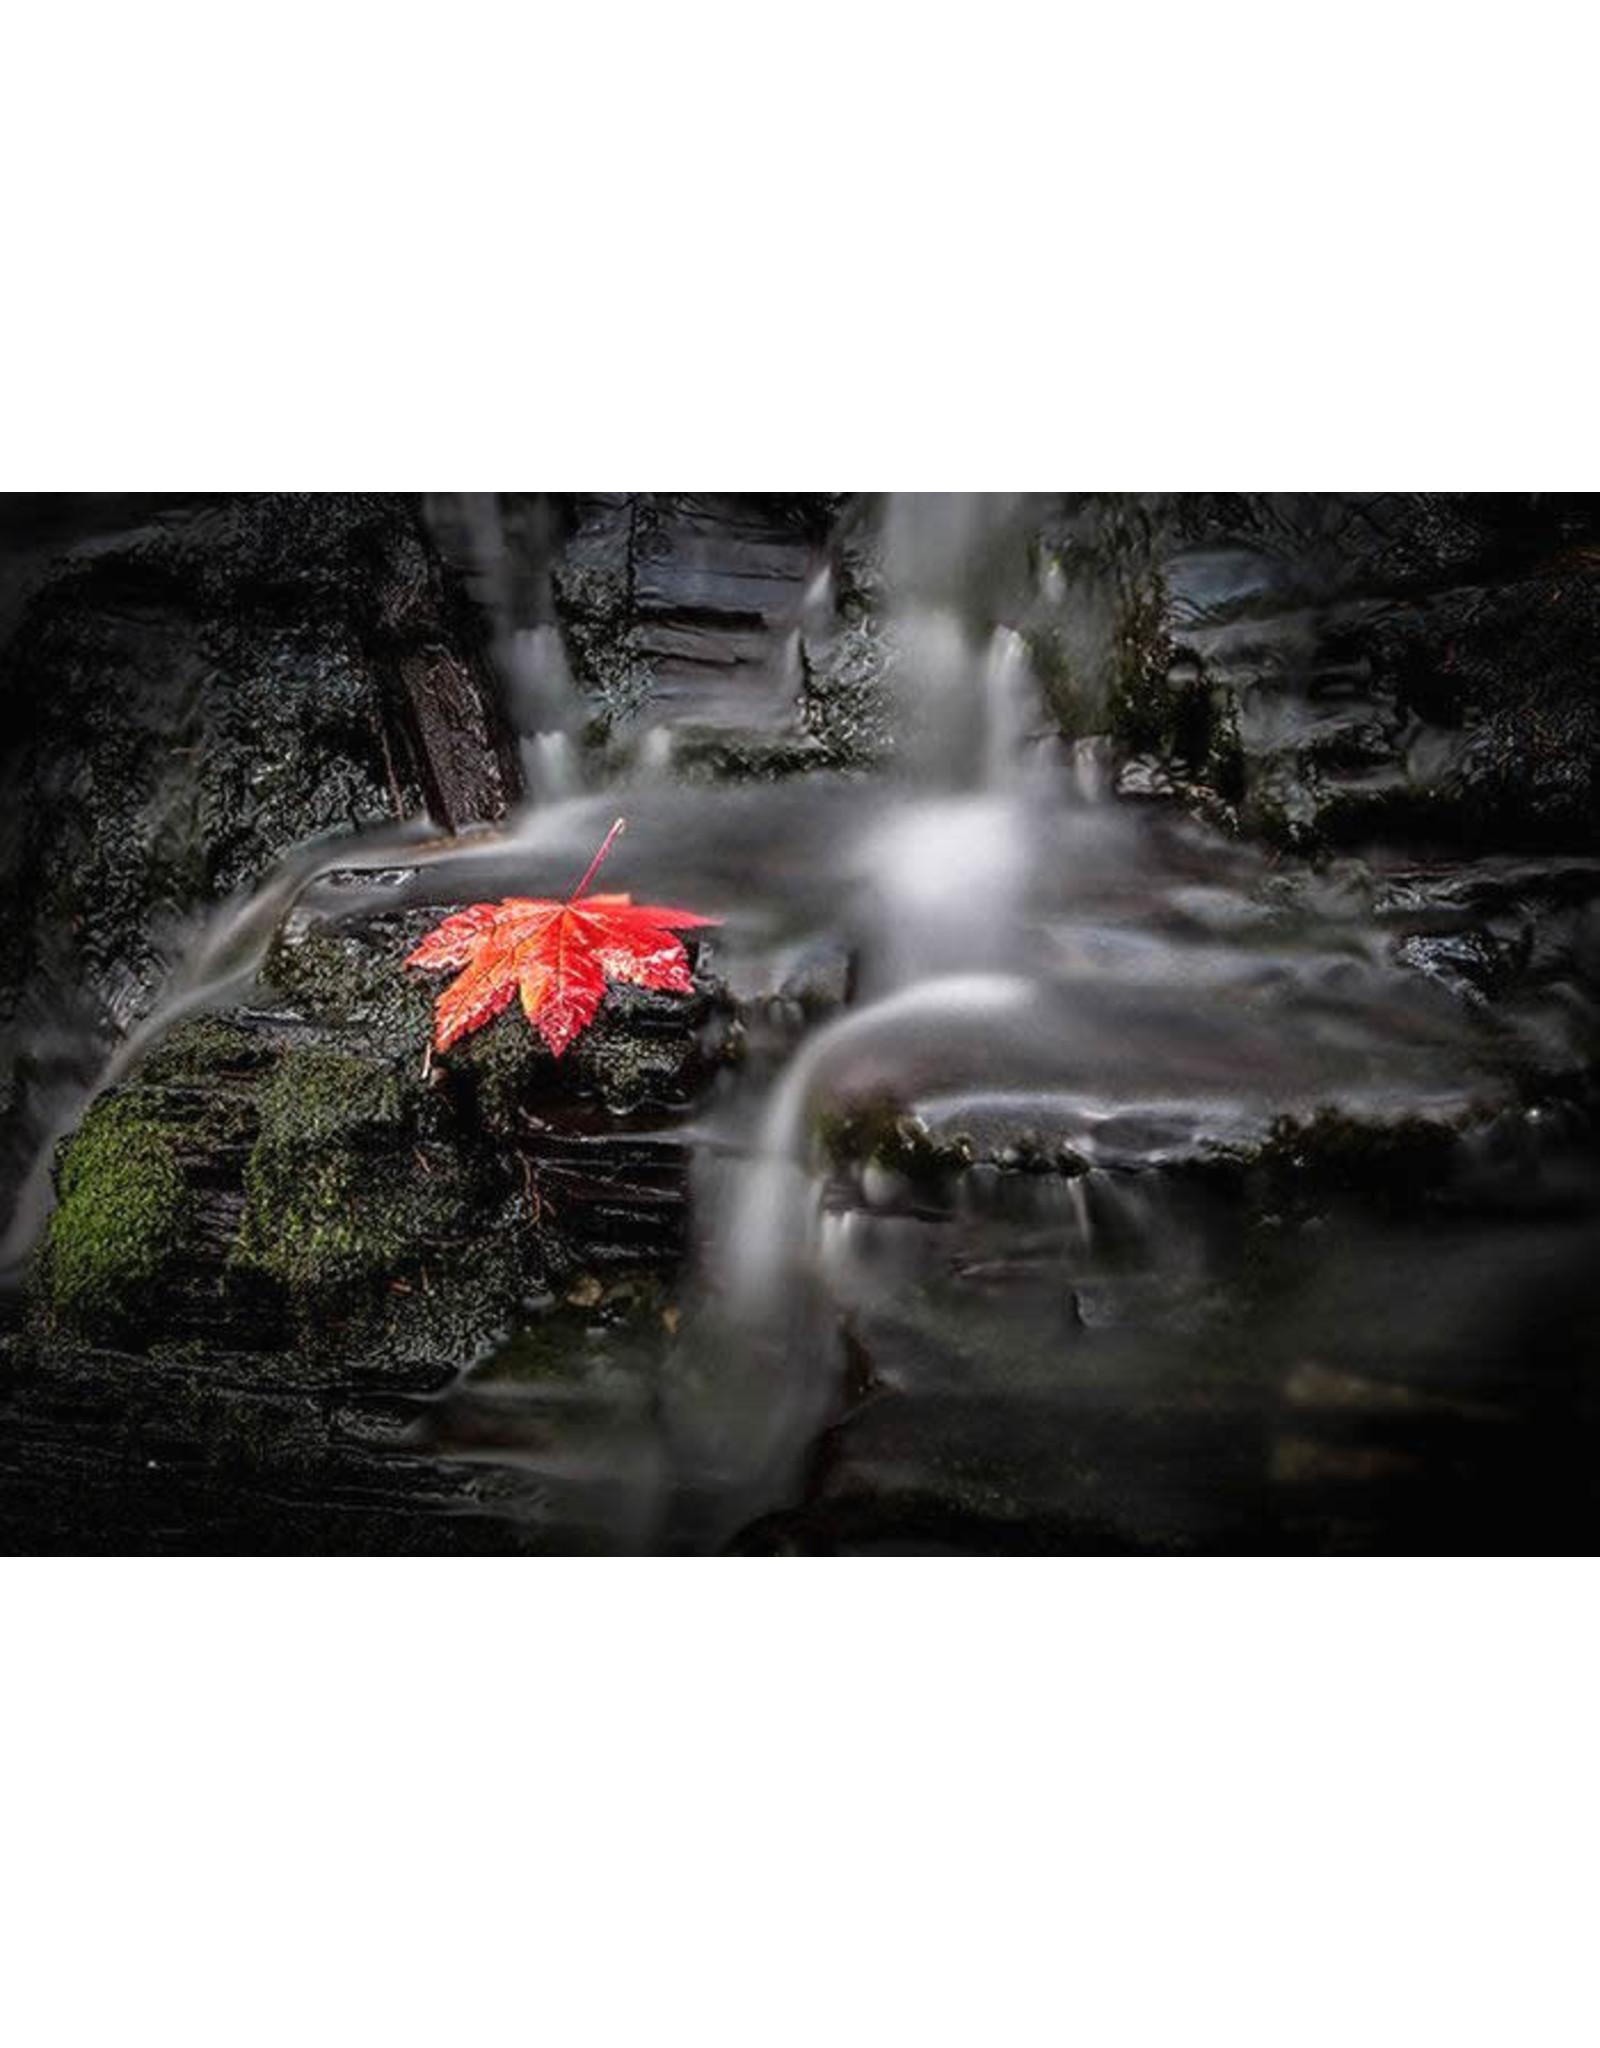 Frank Lynn Pierce Red Leaf | Frank Lynn Pierce